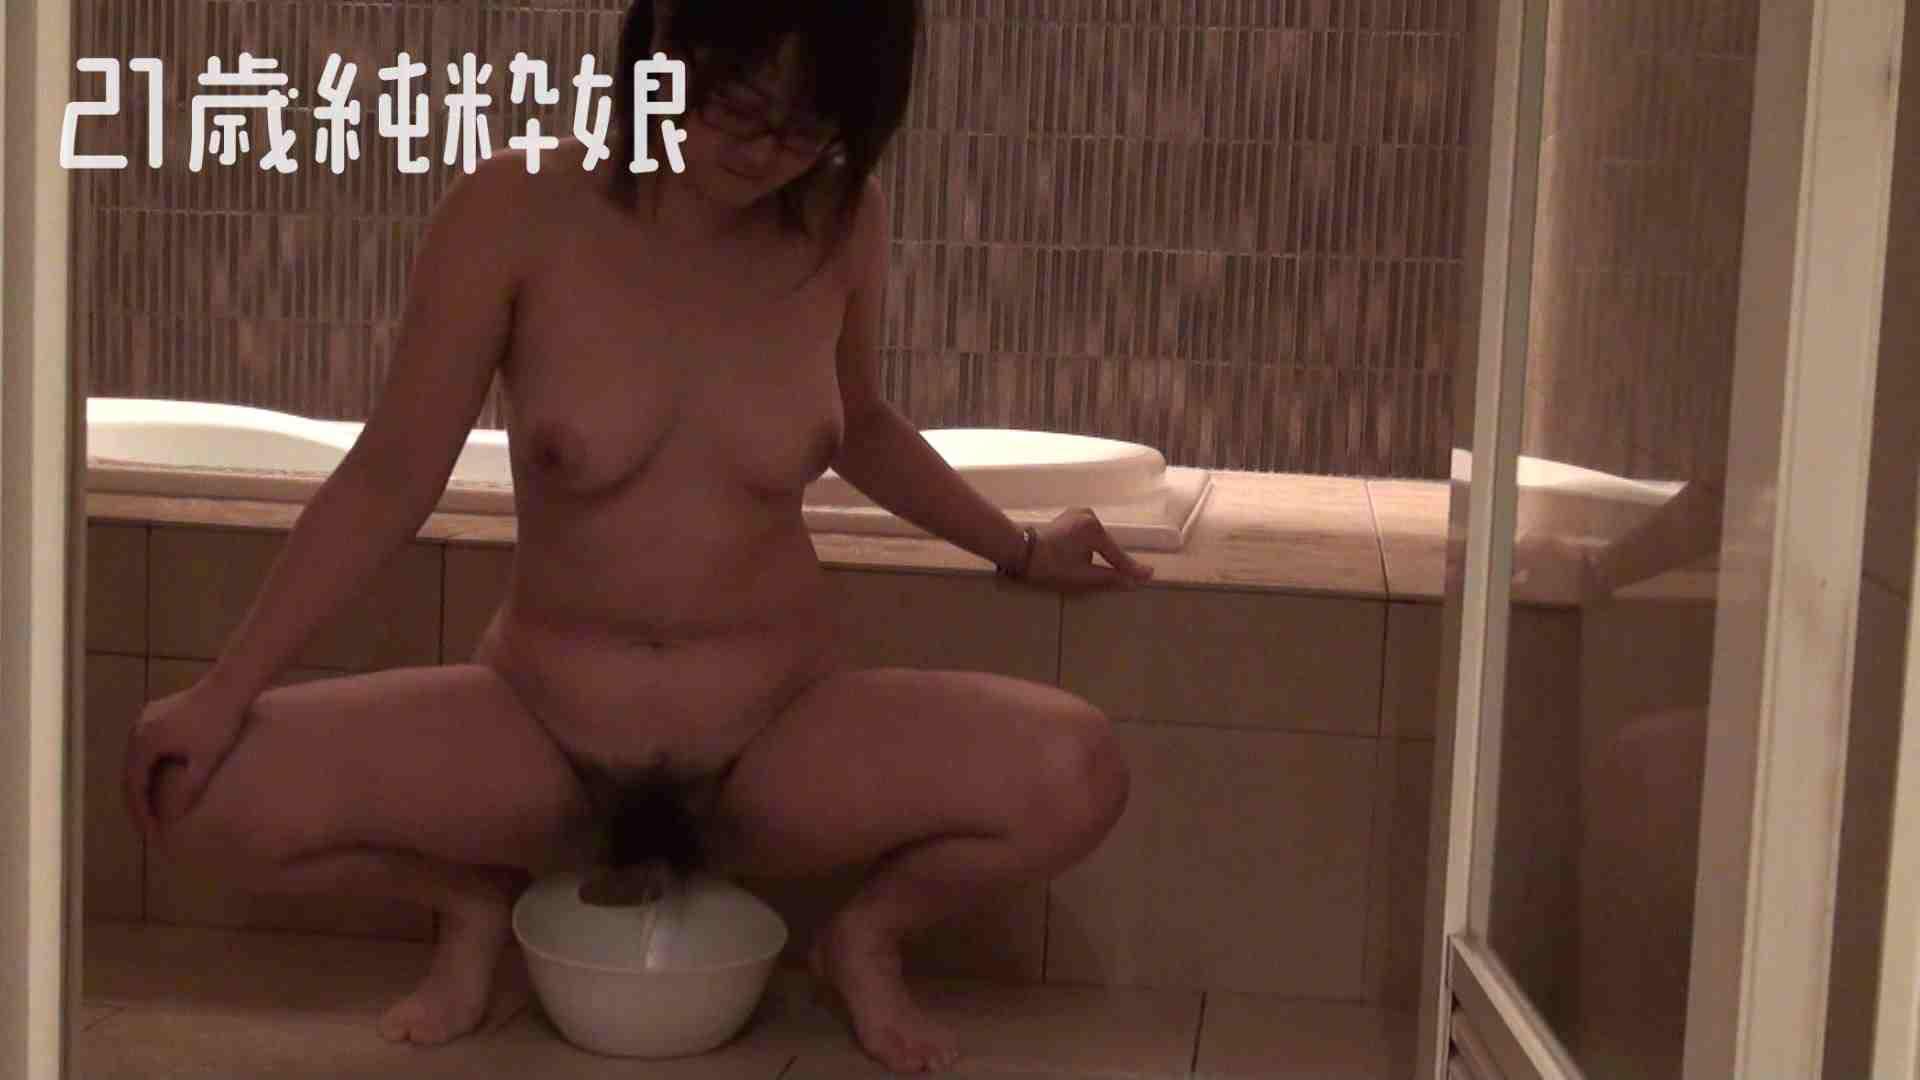 Gカップ21歳純粋嬢第2弾Vol.5 一般投稿  99連発 3